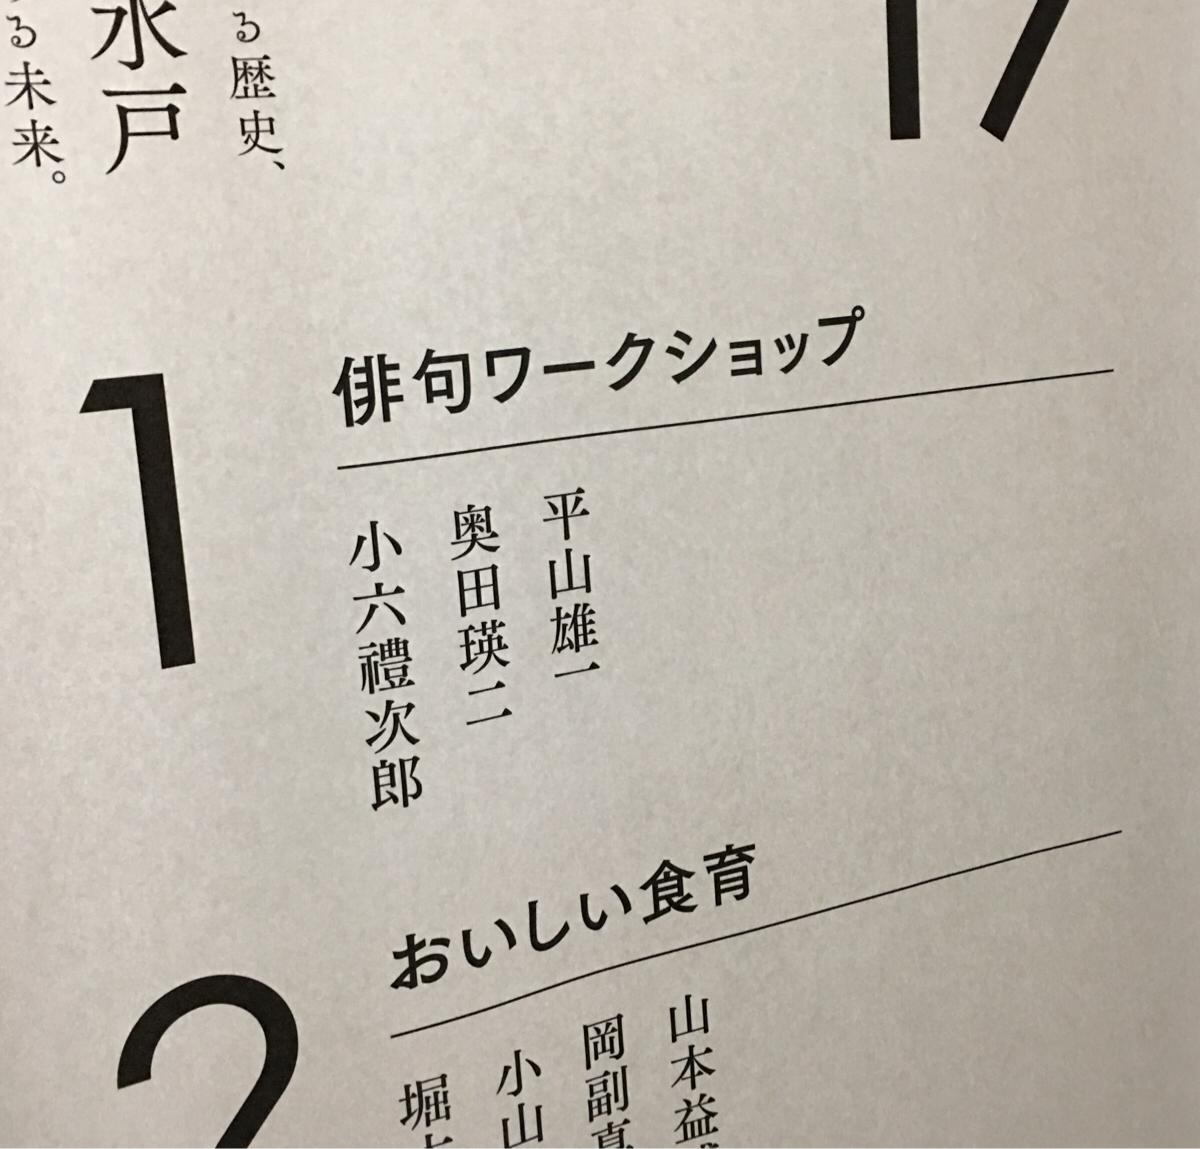 香港から早朝5時30分に羽田空港に着いて、同日10時から水戸の茨城大学で行われた「エンジン01」の講義に余裕で間に合った4つの理由